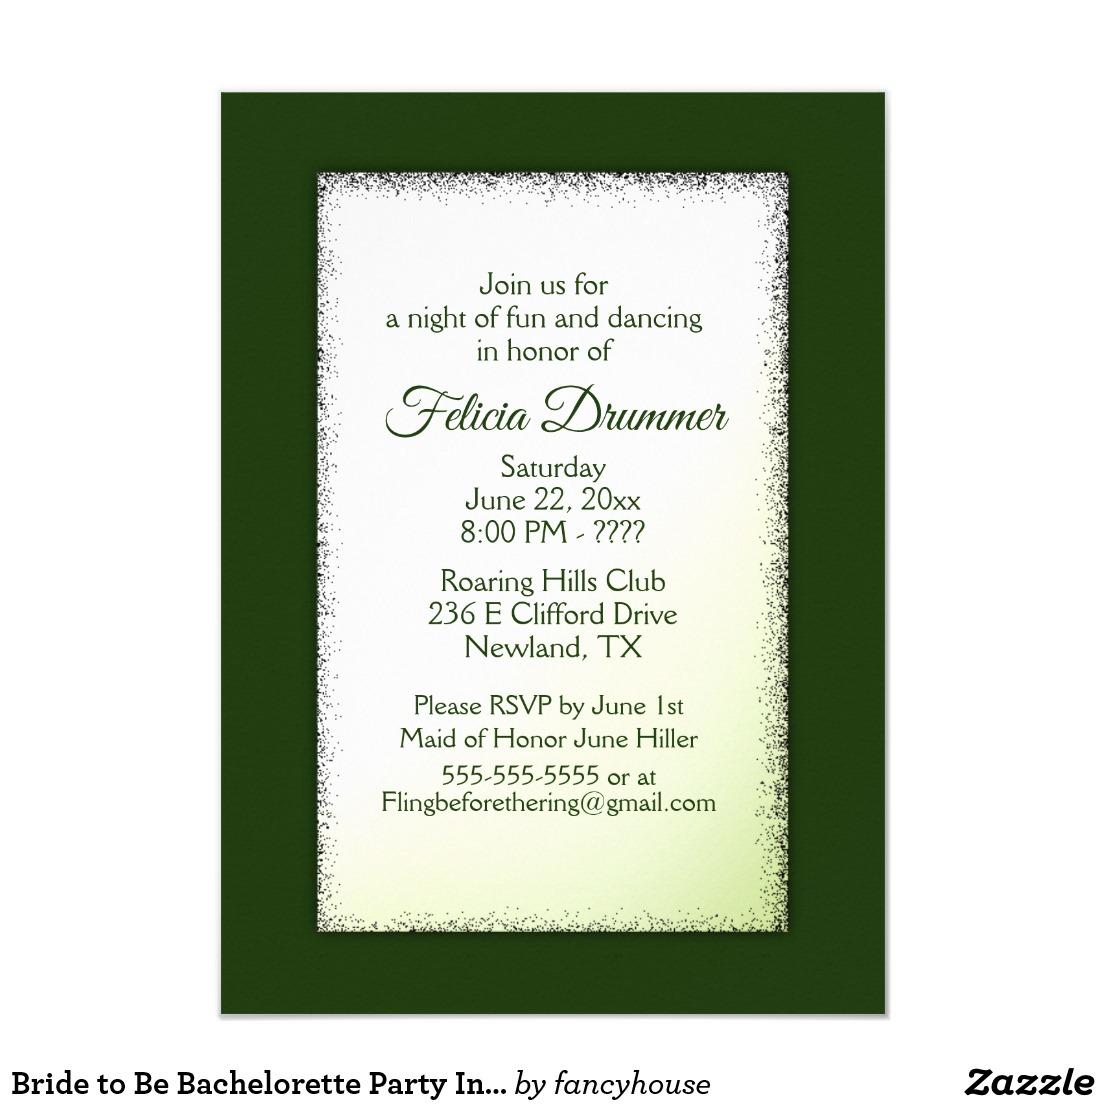 Bride to Be Bachelorette Party Invitation